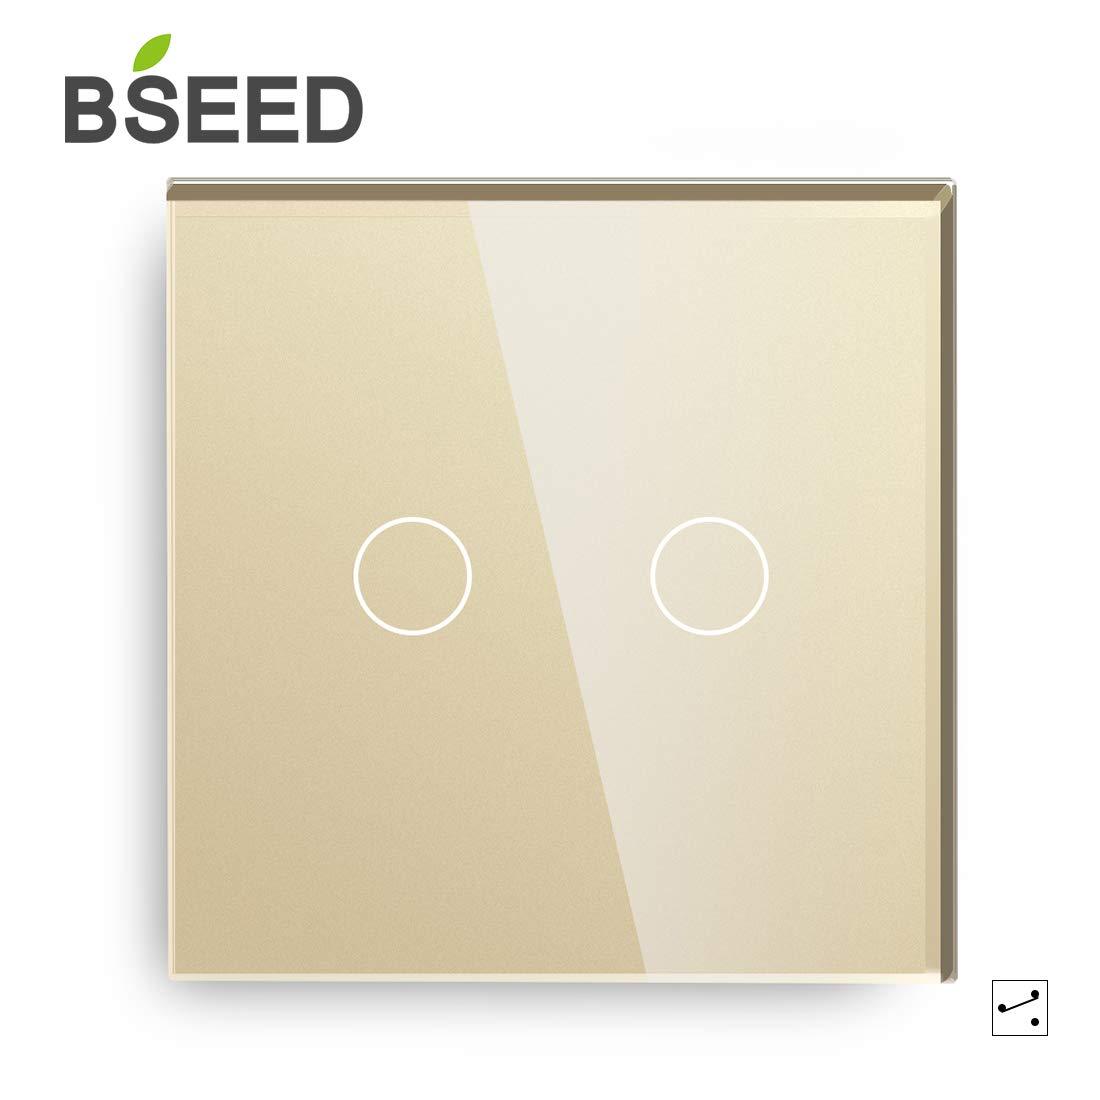 BSEED interruptor luz pared 2 Gang 2 Way interruptor tactil pared Oro interruptores de luz pared con pantalla táctil de vidrio: Amazon.es: Bricolaje y herramientas